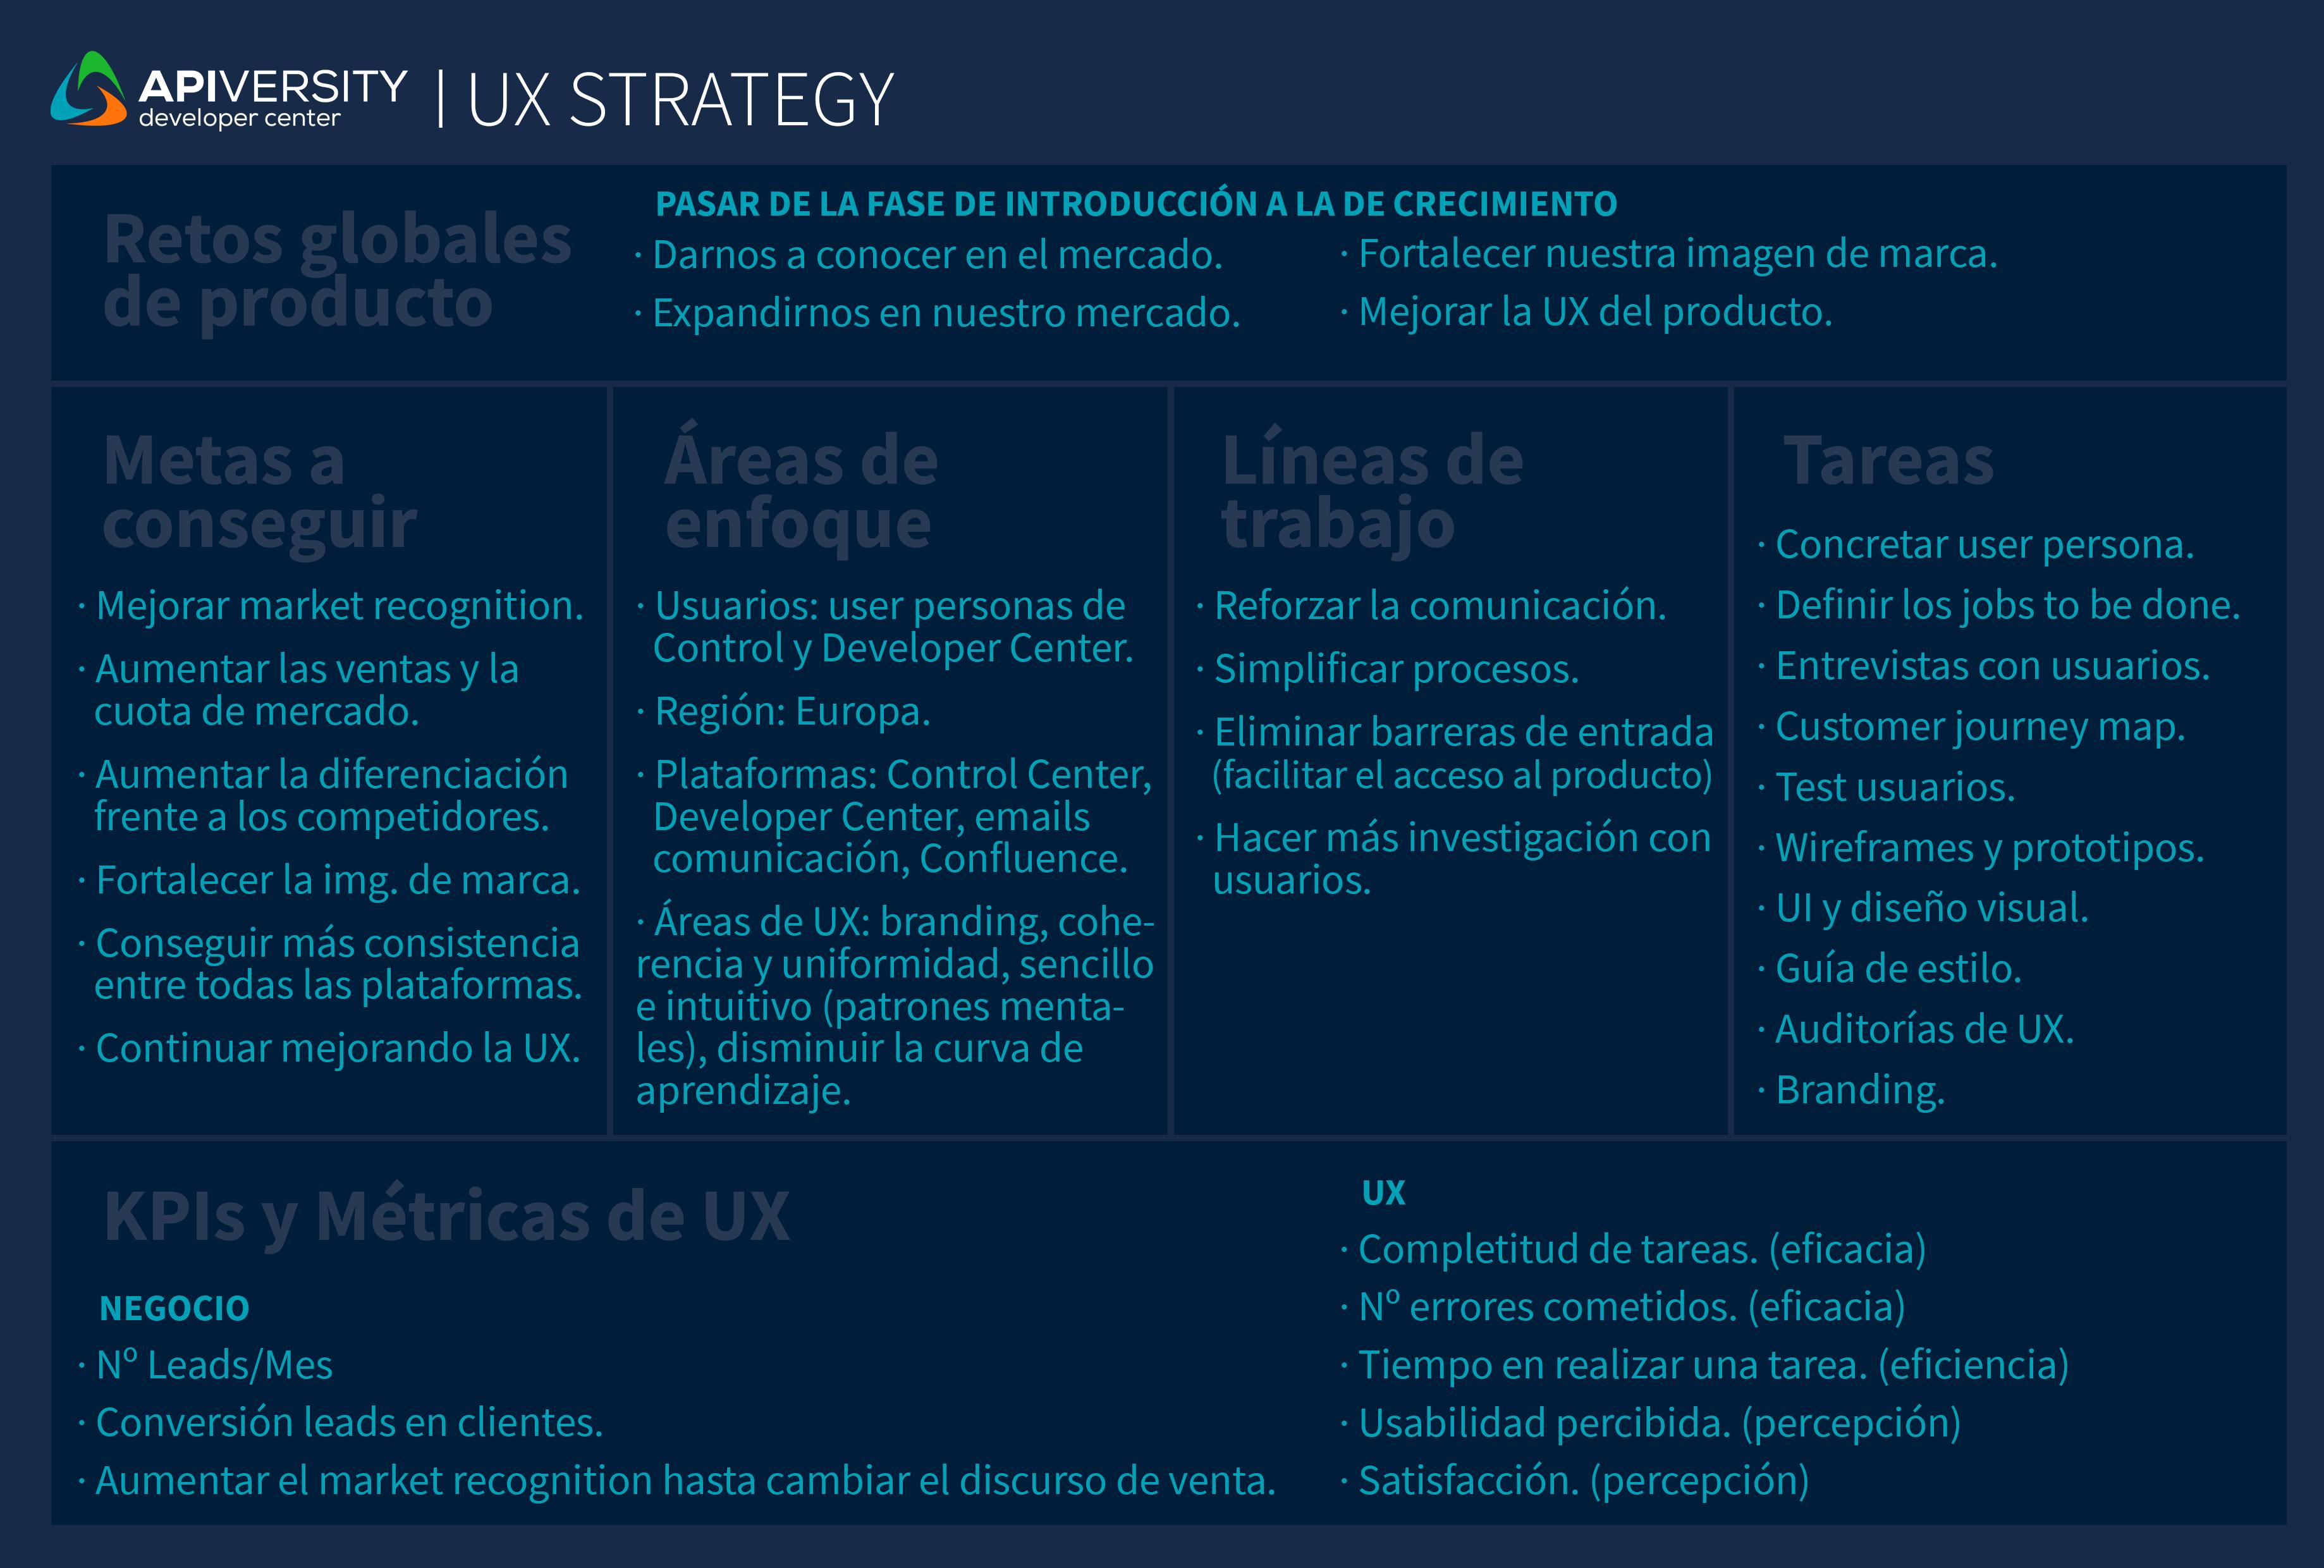 Apiversity_UXStrategy